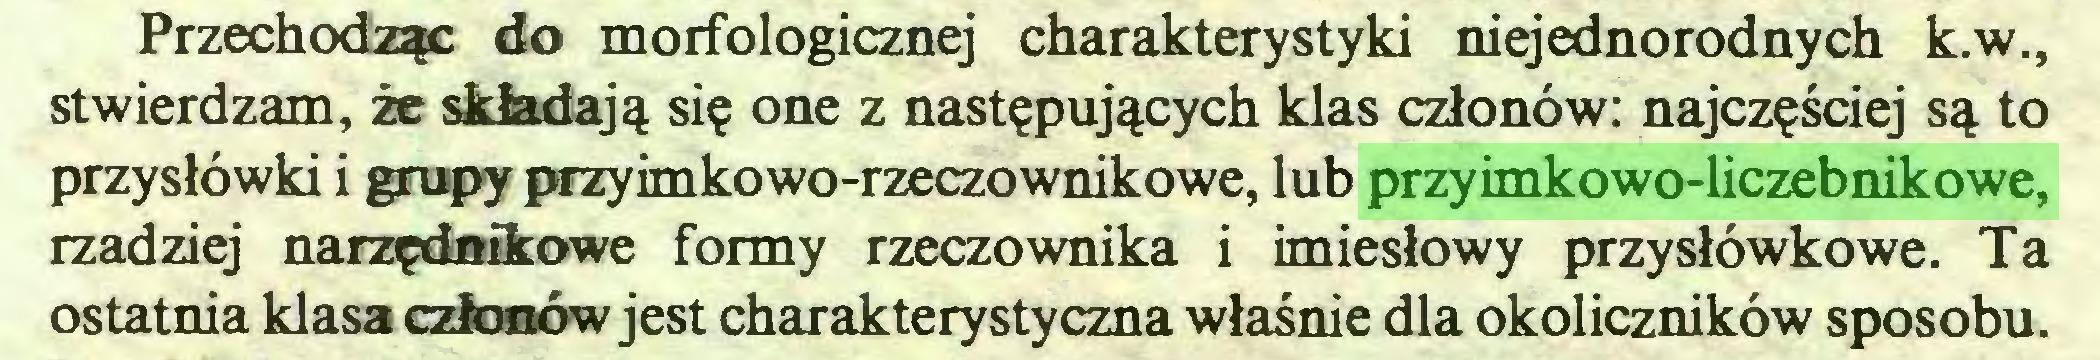 (...) Przechodząc do morfologicznej charakterystyki niejednorodnych k.w., stwierdzam, że składają się one z następujących klas członów: najczęściej są to przysłówki i grupy przyimkowo-rzeczownikowe, lub przyimkowo-liczebnikowe, rzadziej narzędnikowe formy rzeczownika i imiesłowy przysłówkowe. Ta ostatnia klasa członów jest charakterystyczna właśnie dla okoliczników sposobu...